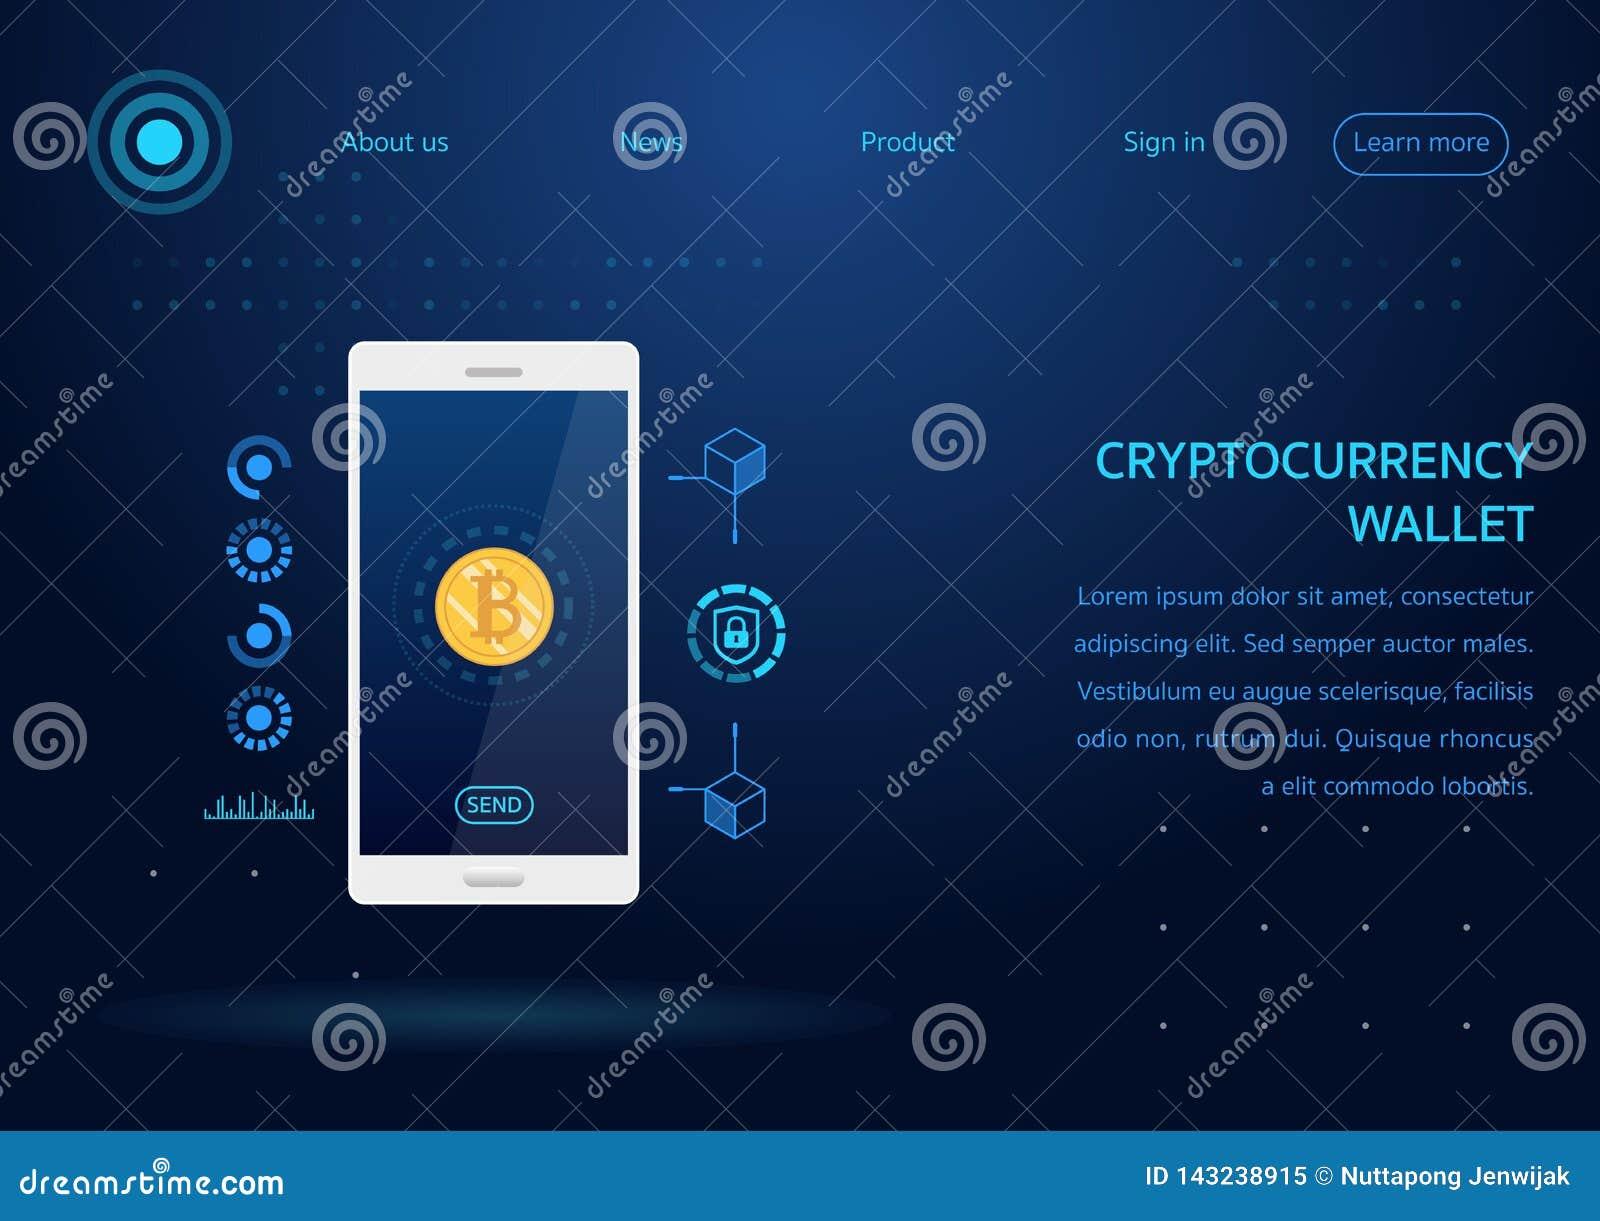 Compra, vendi e scambia Bitcoin